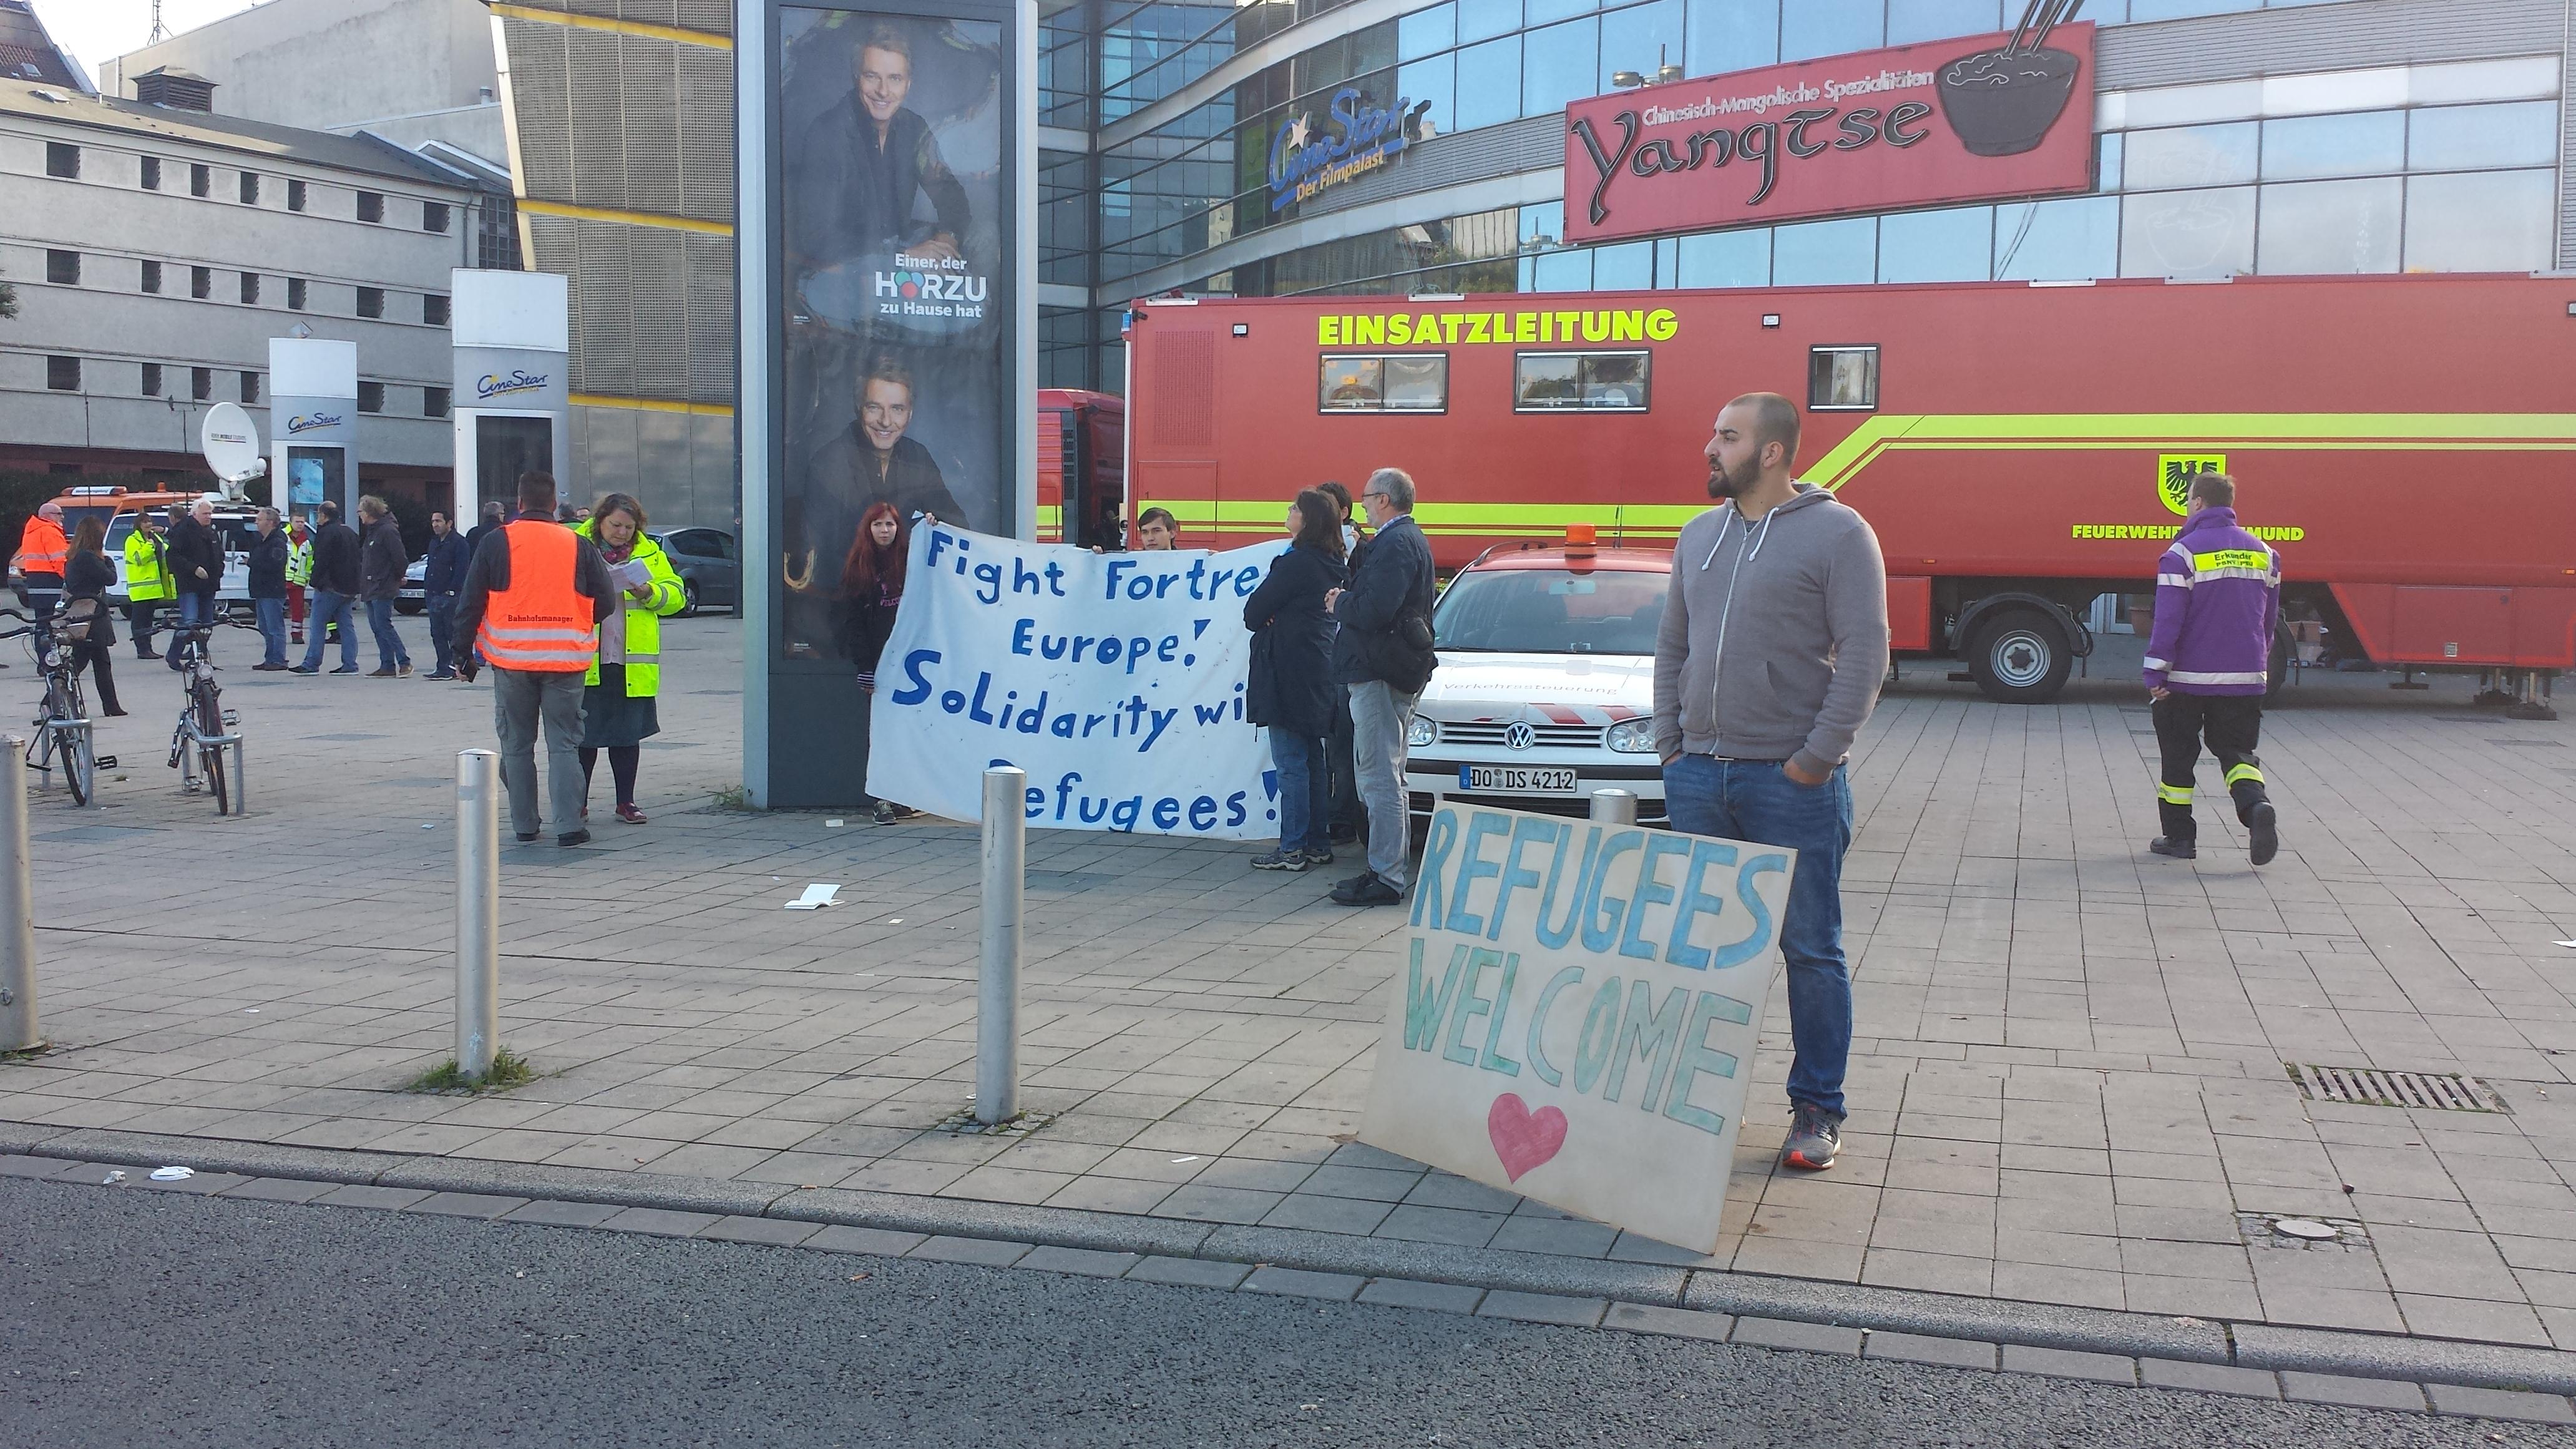 Über die Einsatzleitung der Feuerwehr Dortmund am Nordausgang des Hauptbahnhofes erfolgte vor einem Jahr die nötige Koordinierung; Foto: C.-D. Stille